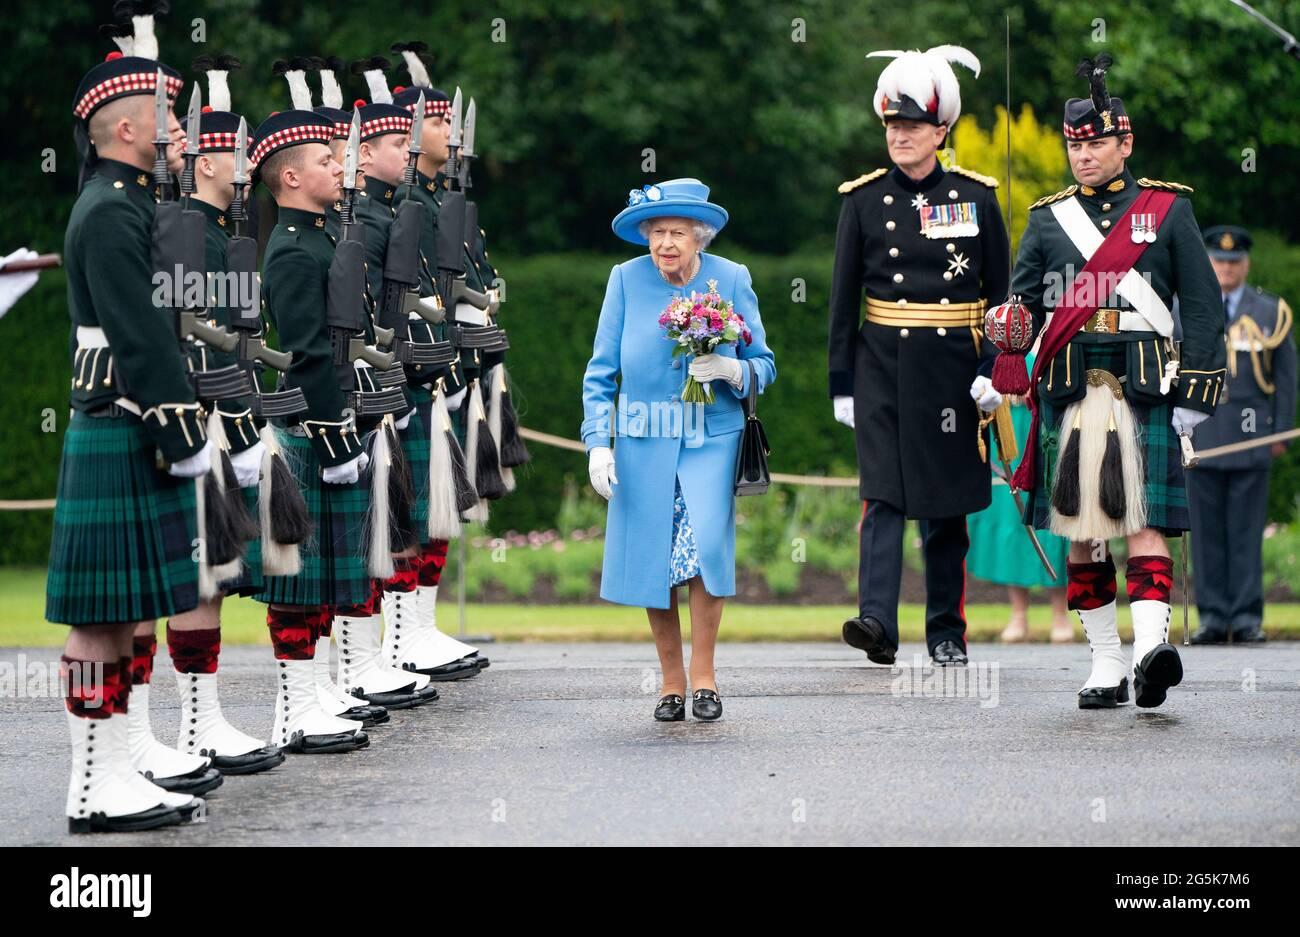 La regina Elisabetta II, che era accompagnata dal duca di Cambridge, conosciuto come Conte di Stratharn in Scozia, partecipa alla cerimonia delle chiavi sul piazzale del Palazzo di Holyroodhouse a Edimburgo, come parte del suo viaggio tradizionale in Scozia per la settimana di Holyrood. Data immagine: Lunedì 28 giugno 2021. Foto Stock